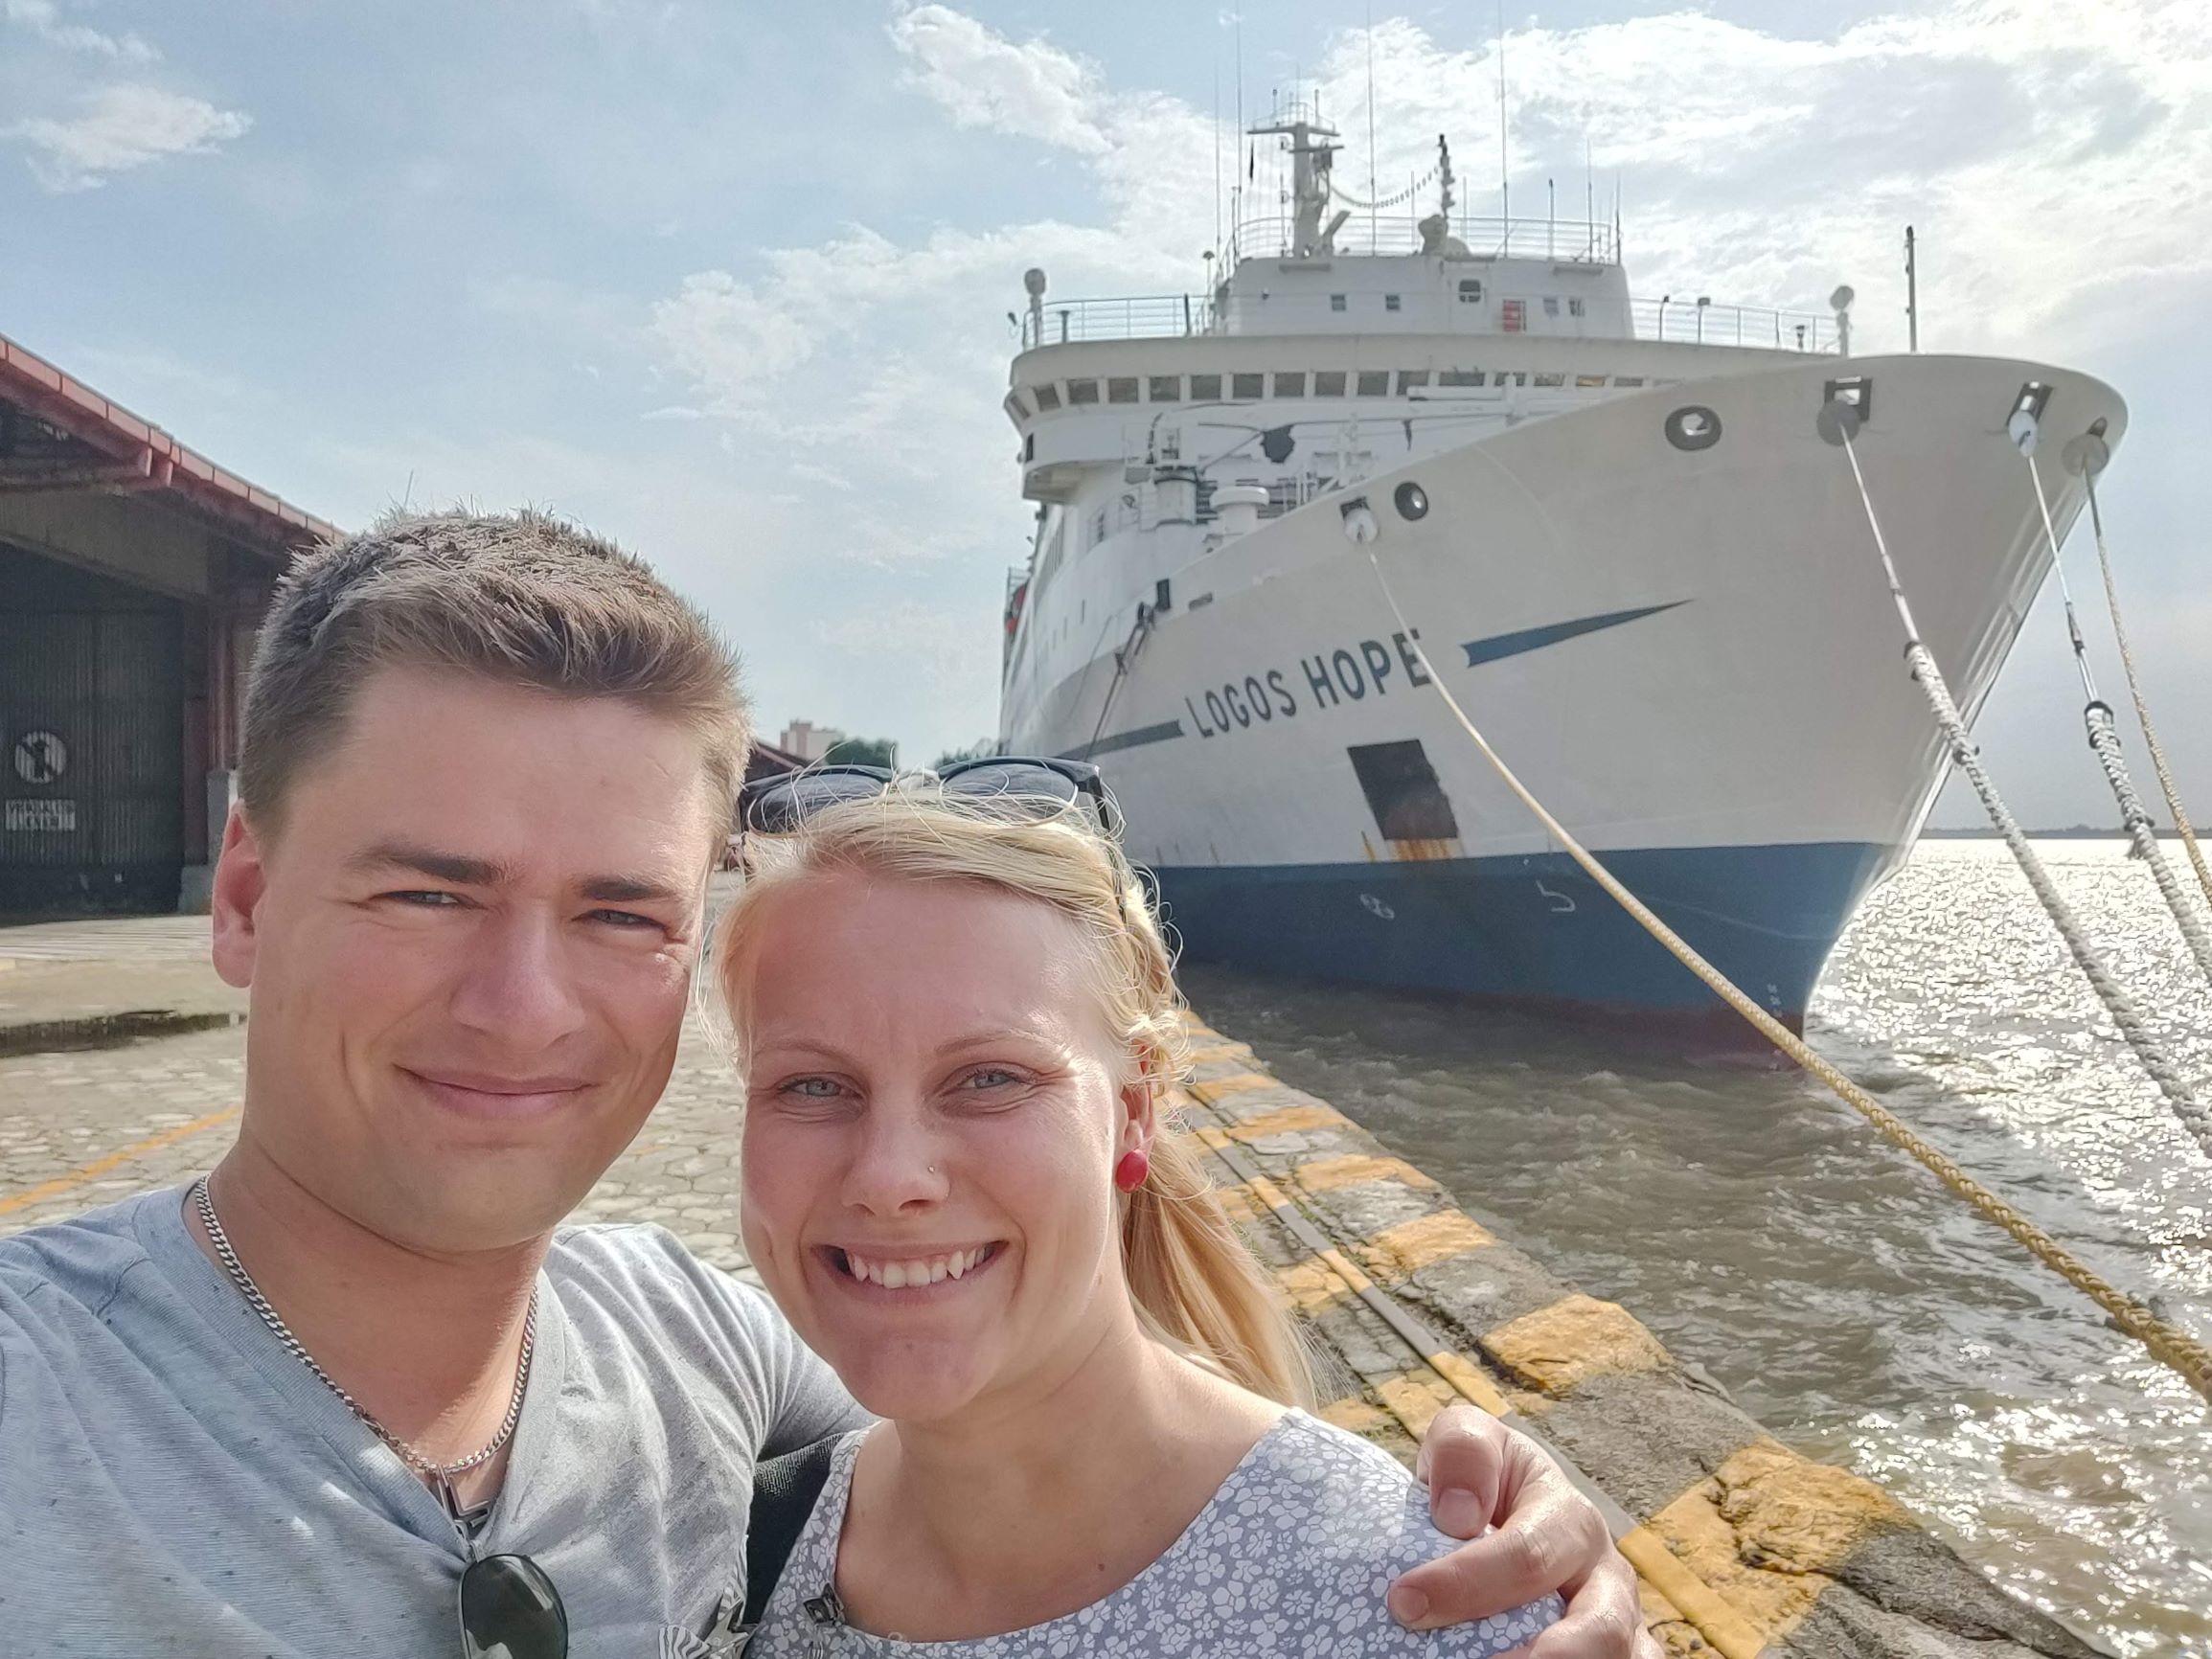 Madeleine og Mathias på vej mod nye horisonter